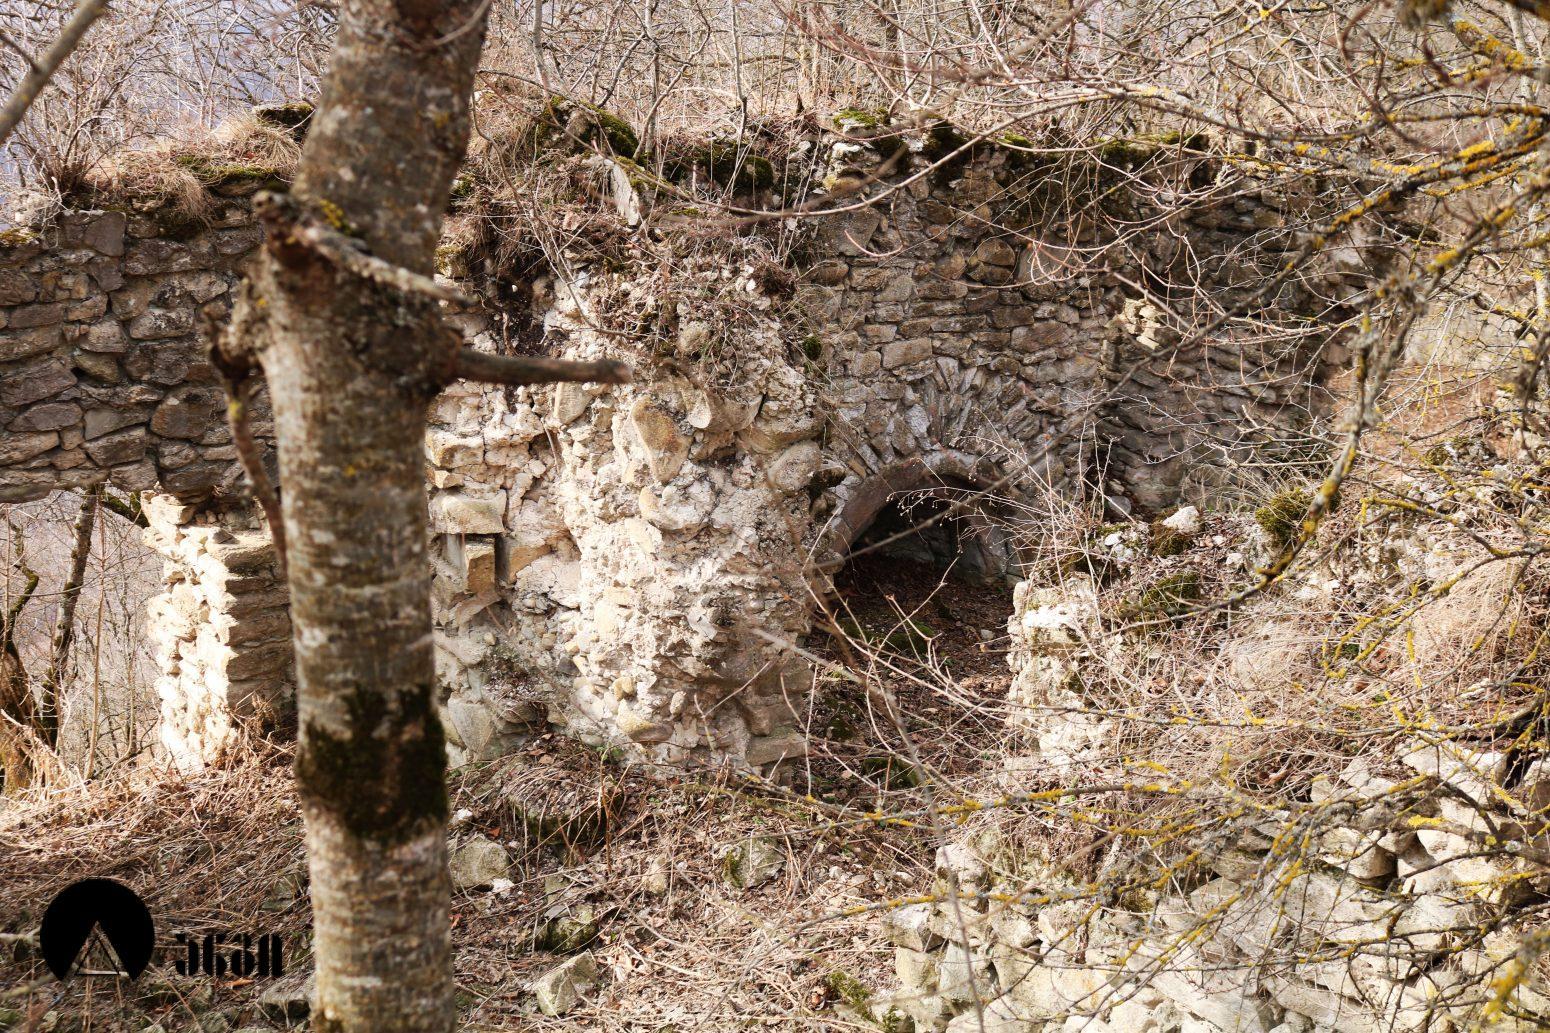 ბოჭორმის ციხე (ბოჭორმის ციხის კომპლექსი)